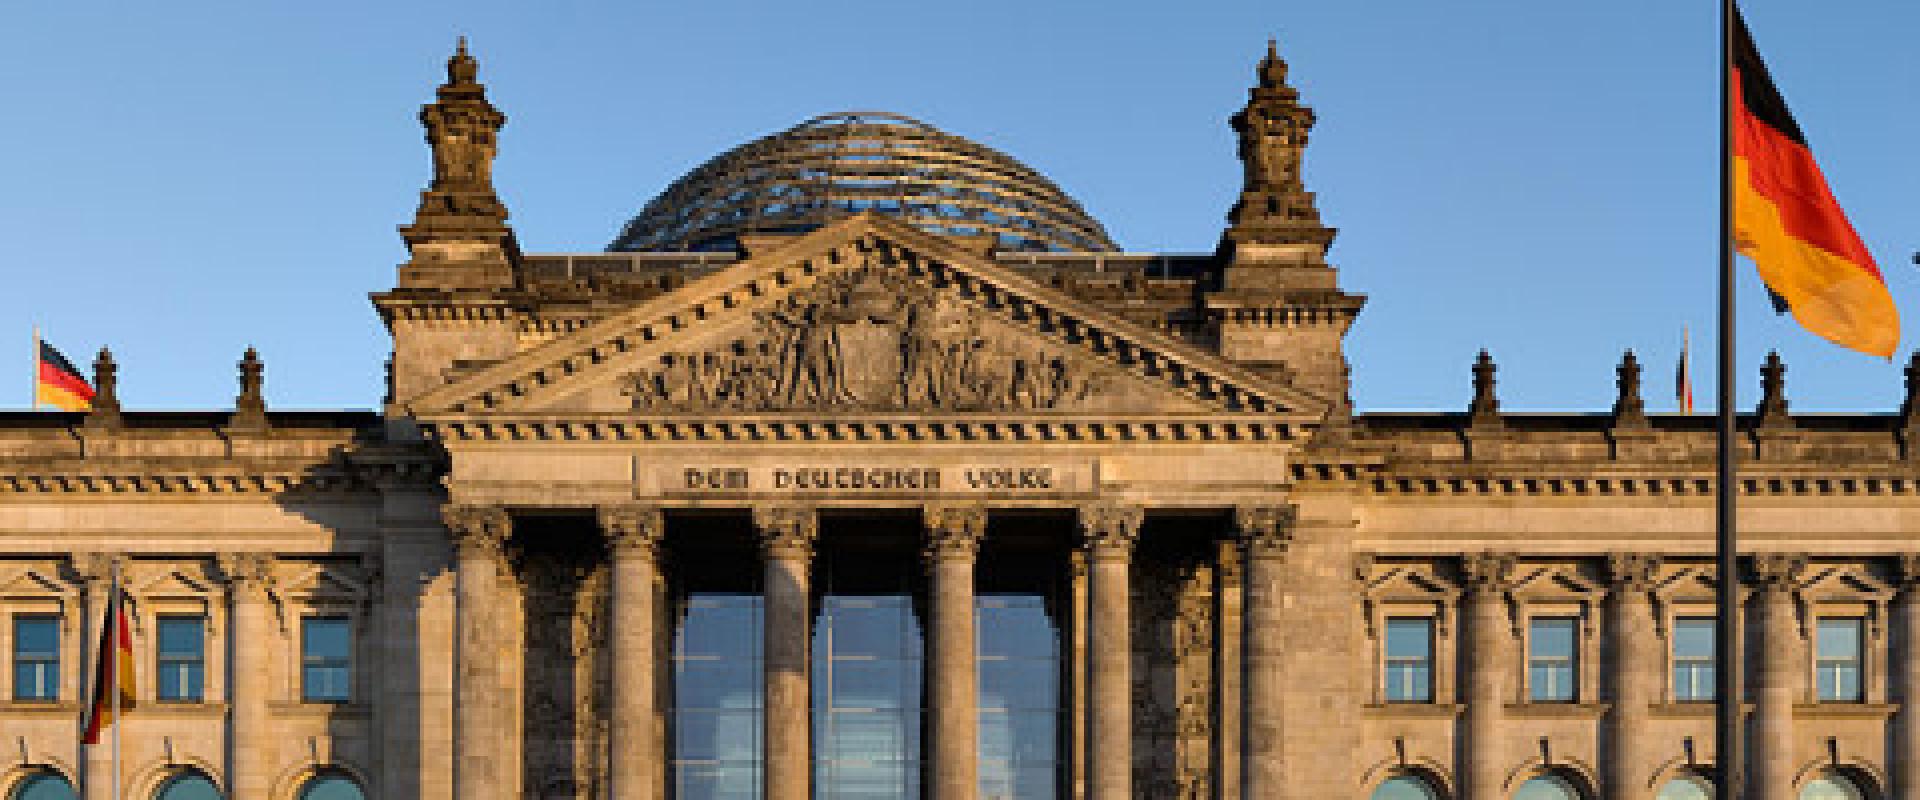 Einfach-UG.de – ganz einfach deutsche UG Unternehmergesellschaft gründen